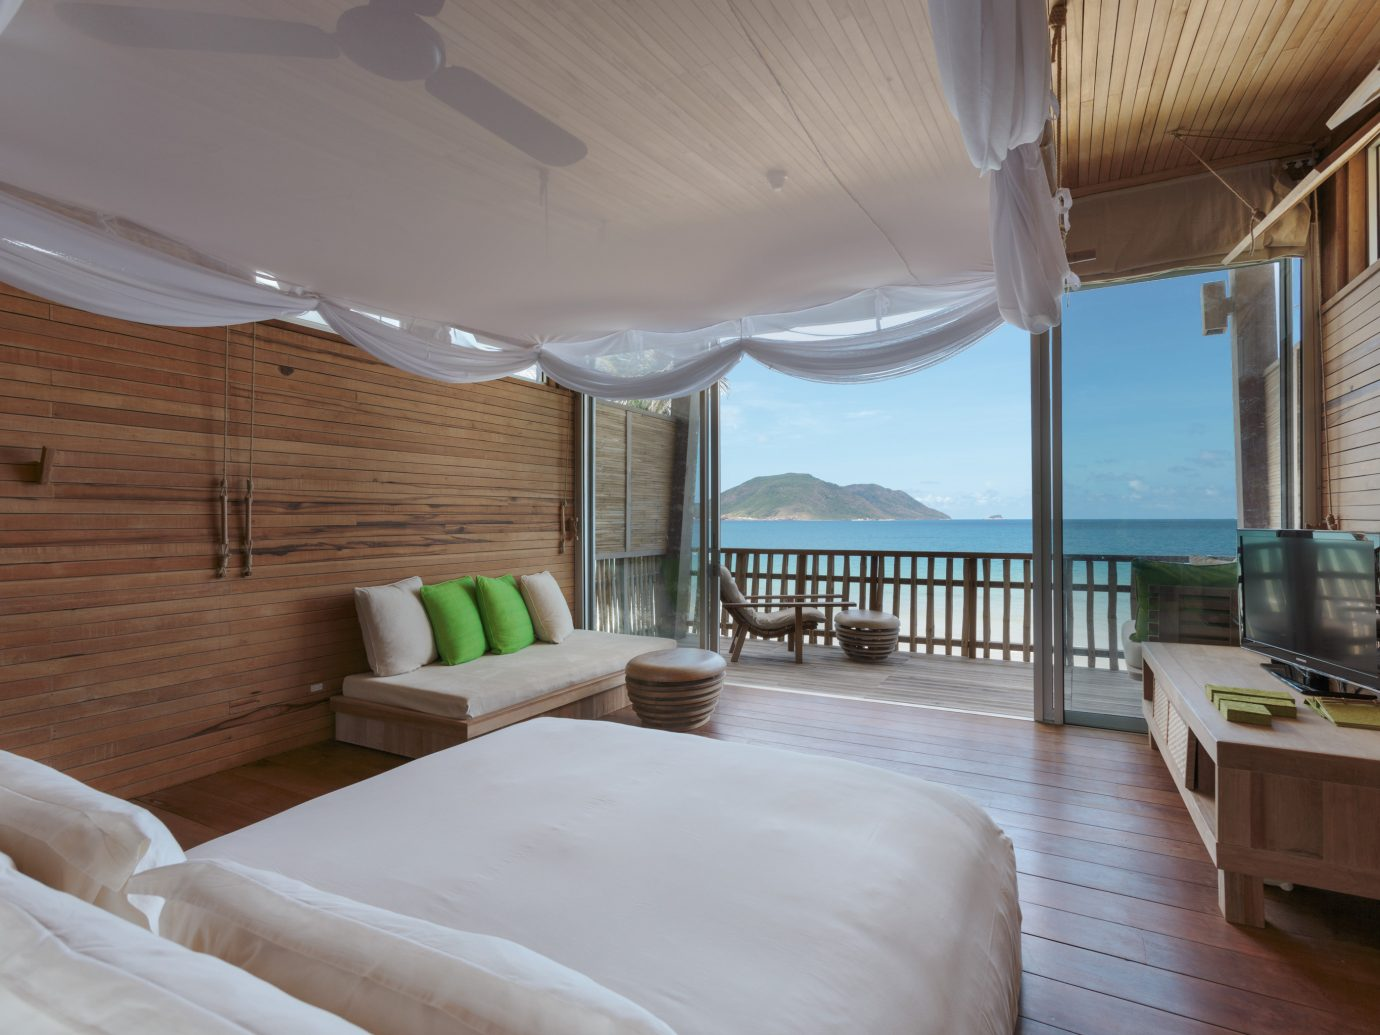 Bedroom at Six Senses Con Dao, Vietnam